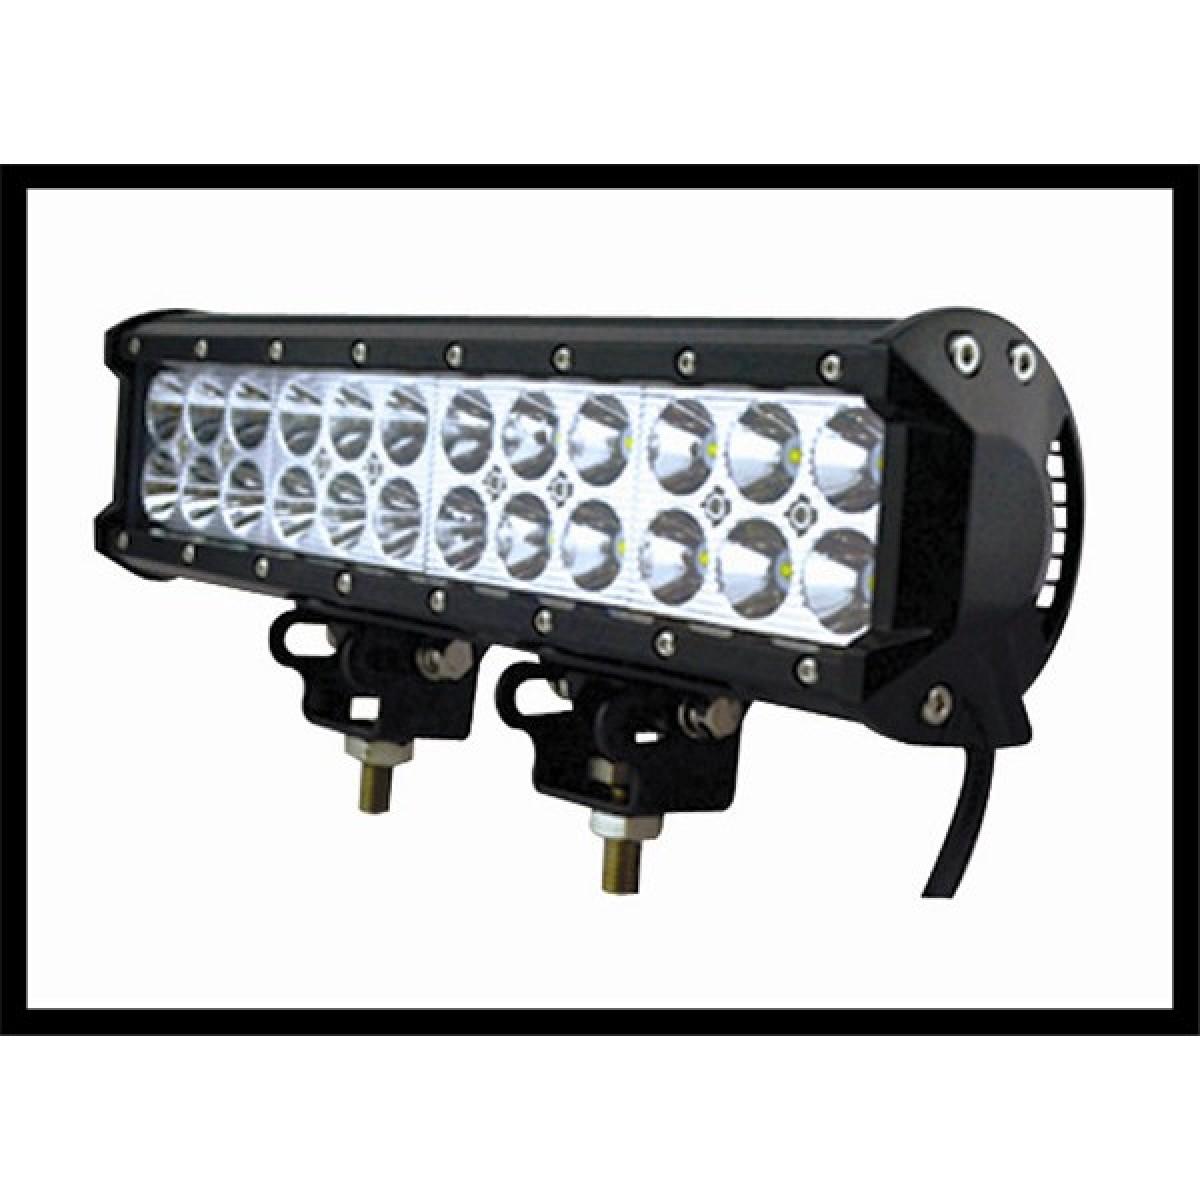 Μπάρα προβολέας LED 72W 30° δουλεύει από 12V έως και 32V για βάρκες τρακτέρ φορτηγά αυτοκίνητα